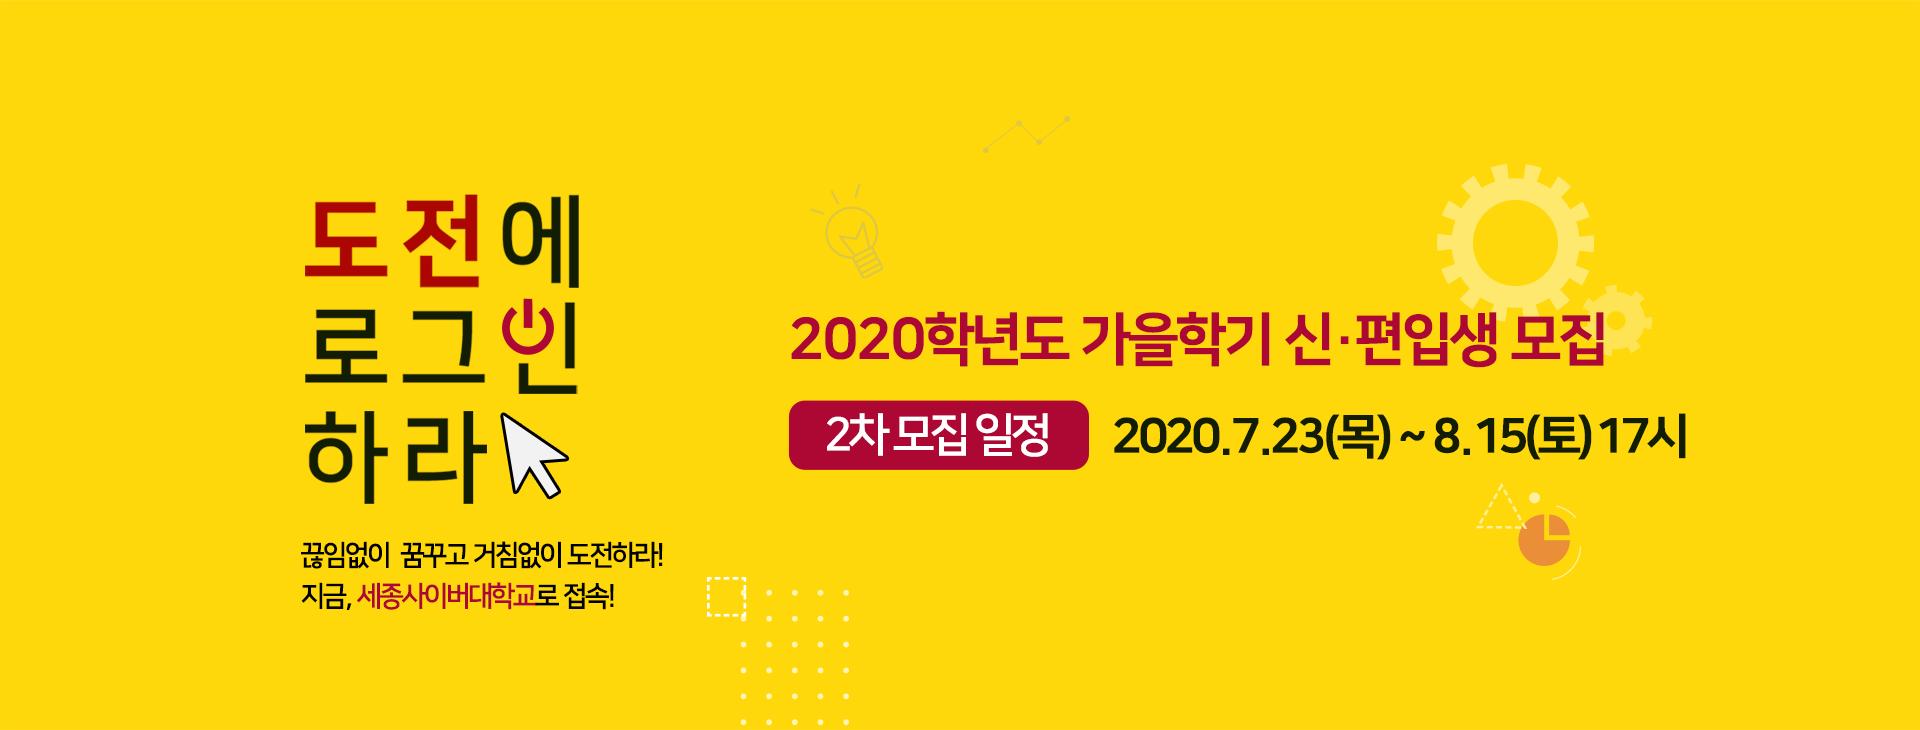 2020학년도 가을학기 신·편입생 2차 모집 2020.7.23(목) ~ 8.15(토) 오후5시